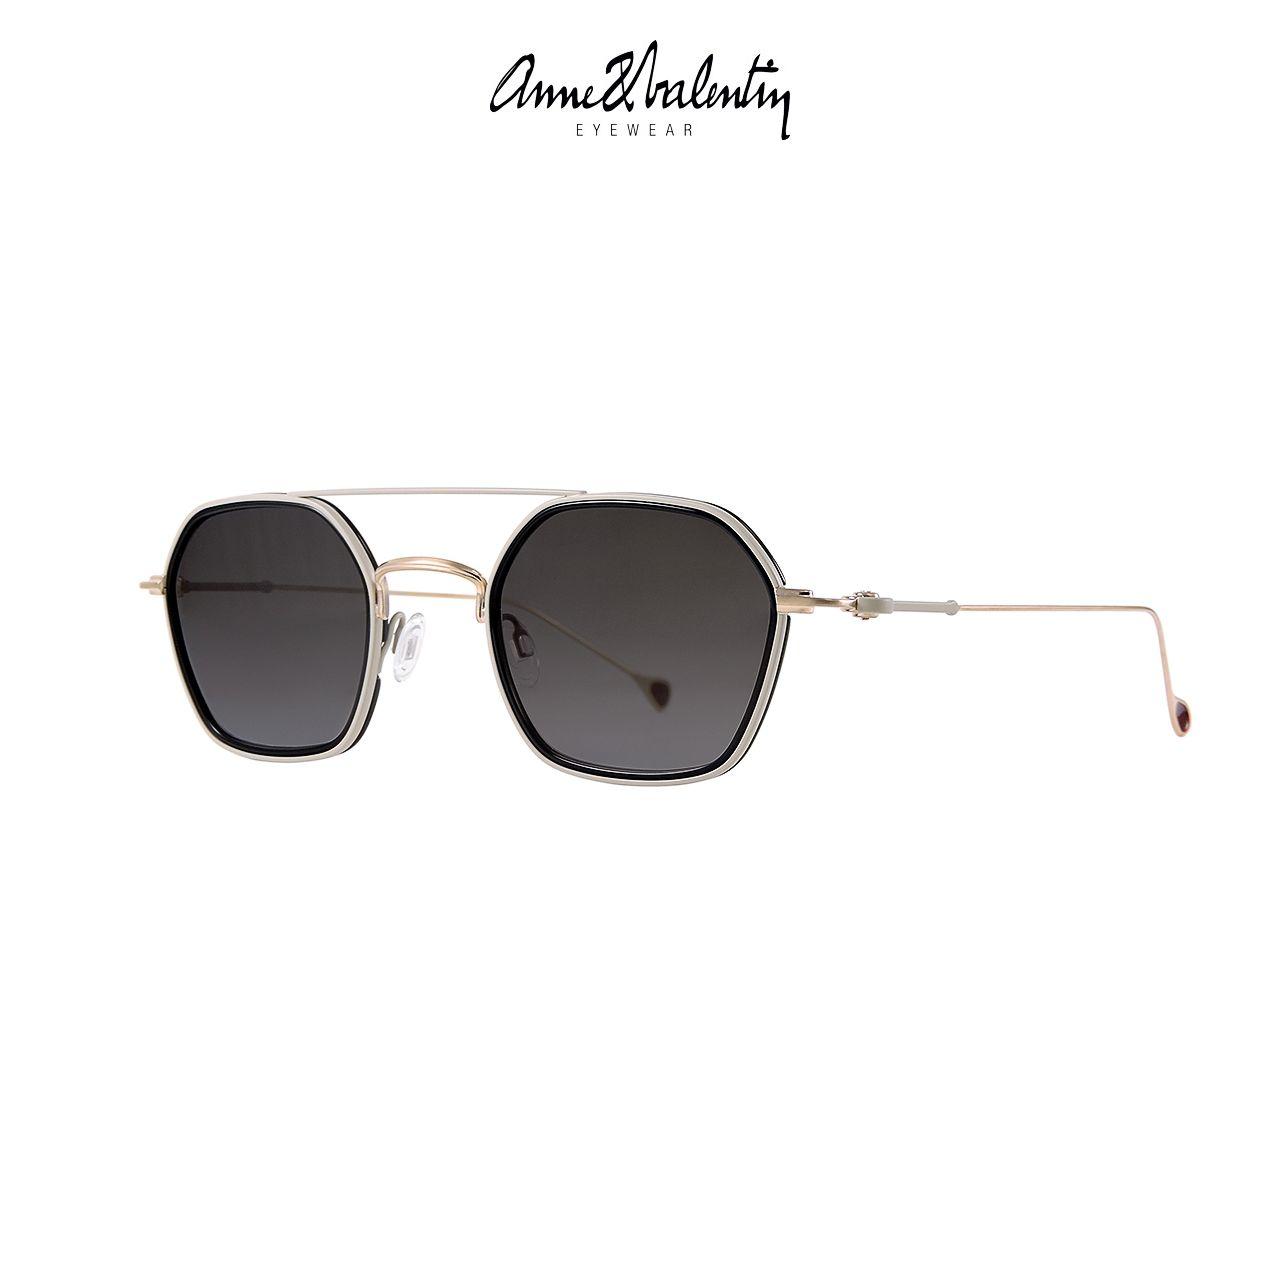 24cc94452ec8 Anne et Valentin SAHARA sunglasses at Risi Optique.